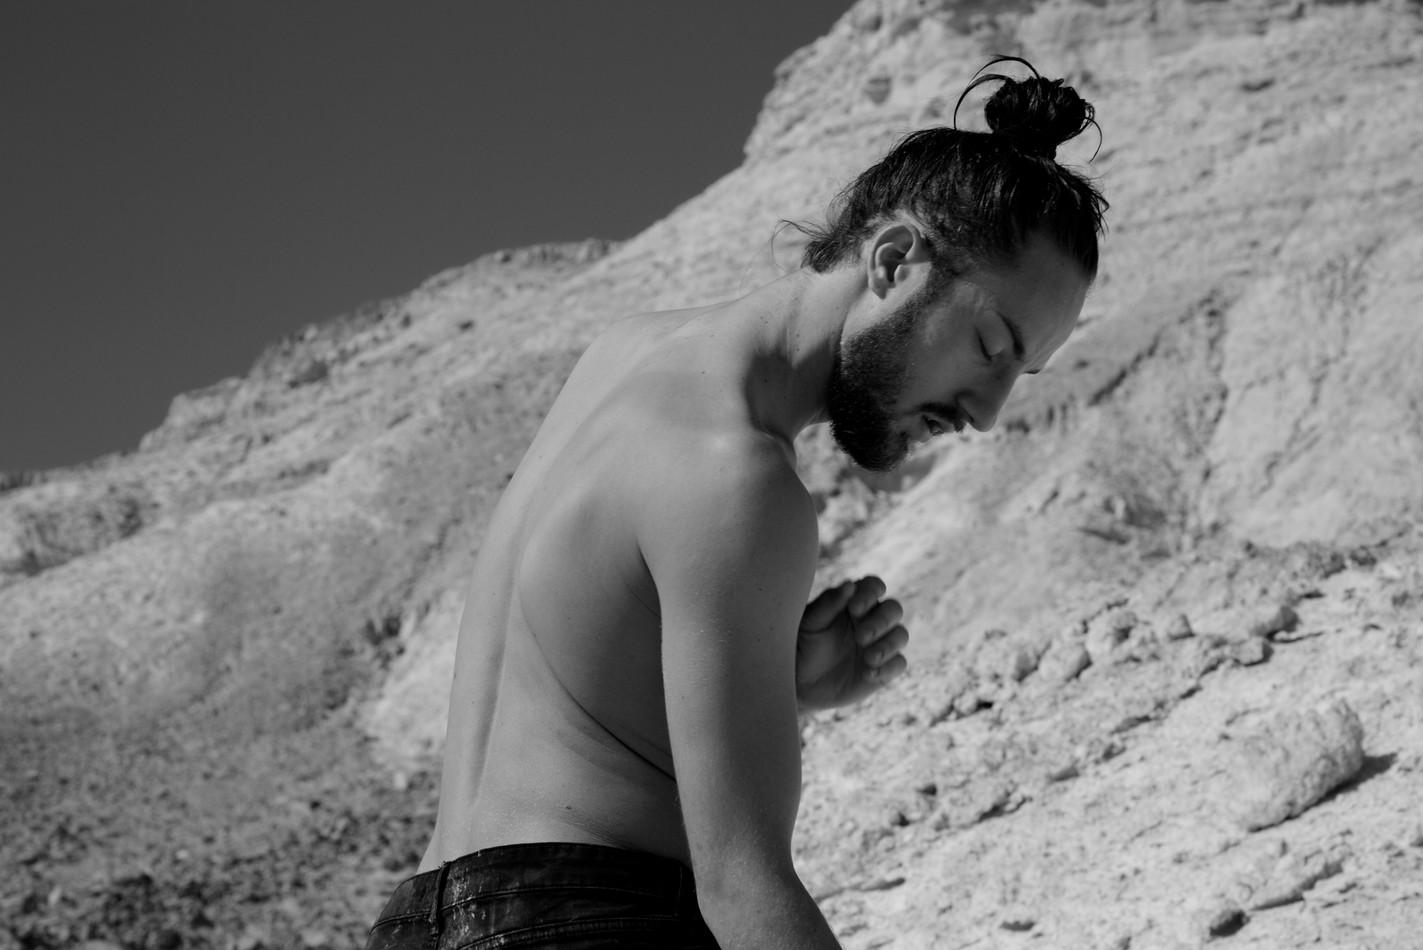 Photography by Juliette Bertoldo